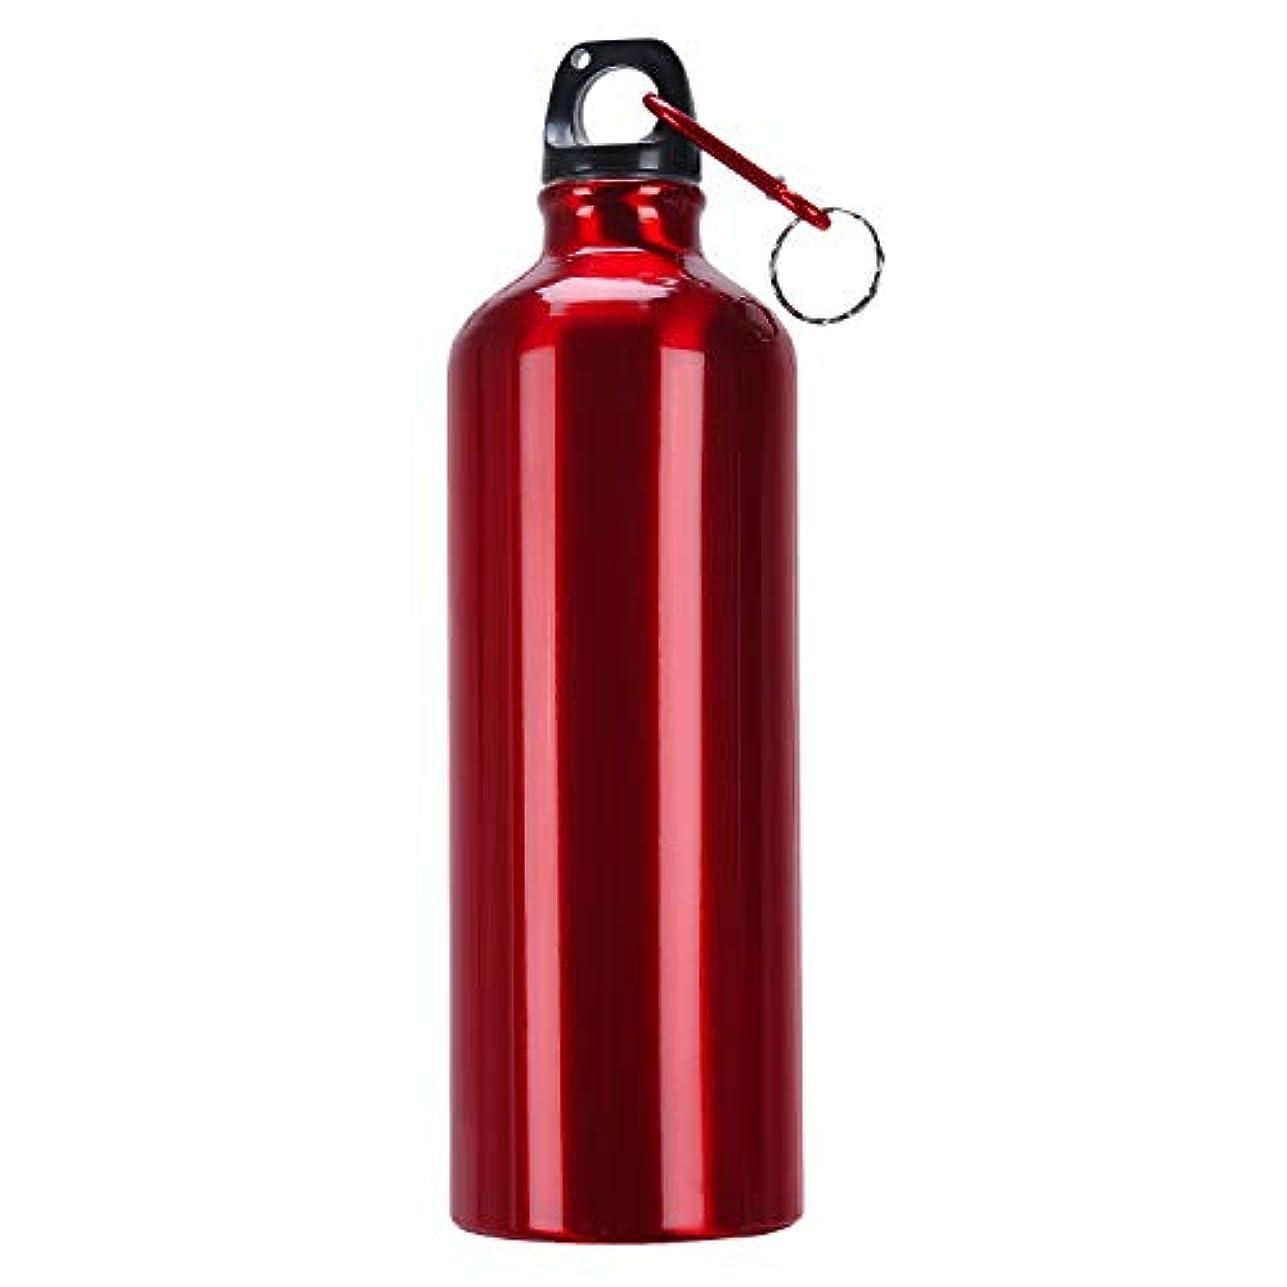 有効化融合描写Zap Impexステンレススチール水真空ボトルロイヤルレッド魔法瓶旅行ステンレススチールウォーターボトル